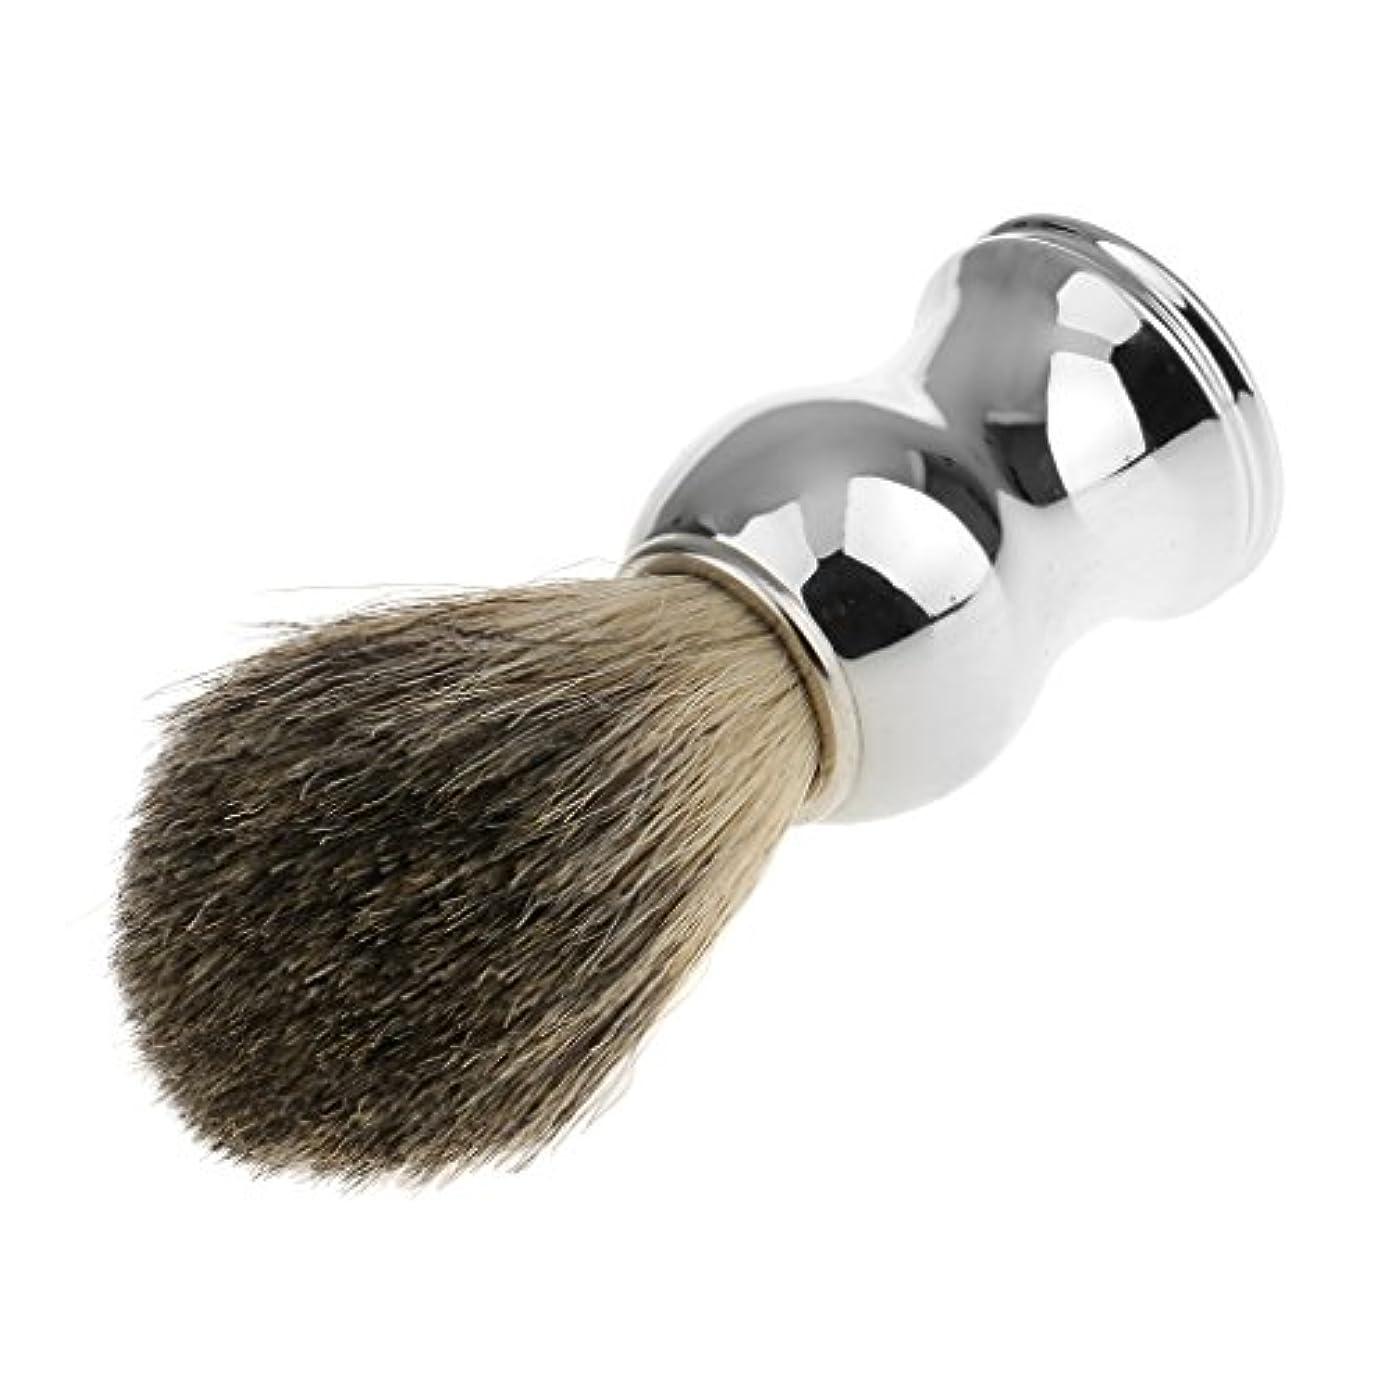 ファッションチーズ不愉快人工毛 シェービングブラシ 柔らかい 理容 洗顔 髭剃り 便携 乾くやすい 11.2cm シルバーハンドル